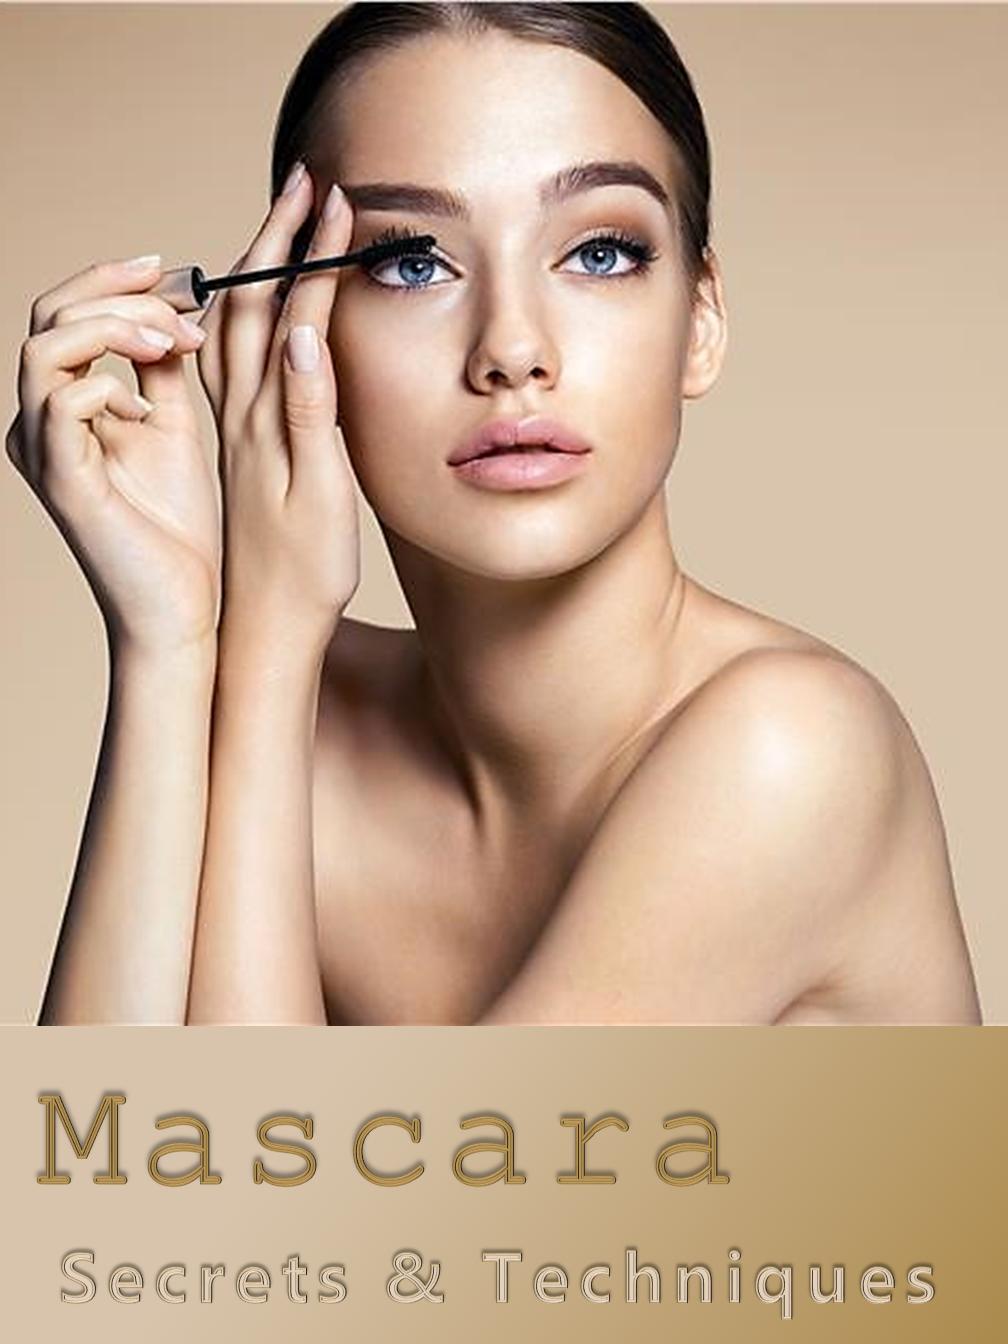 Mascara Techs